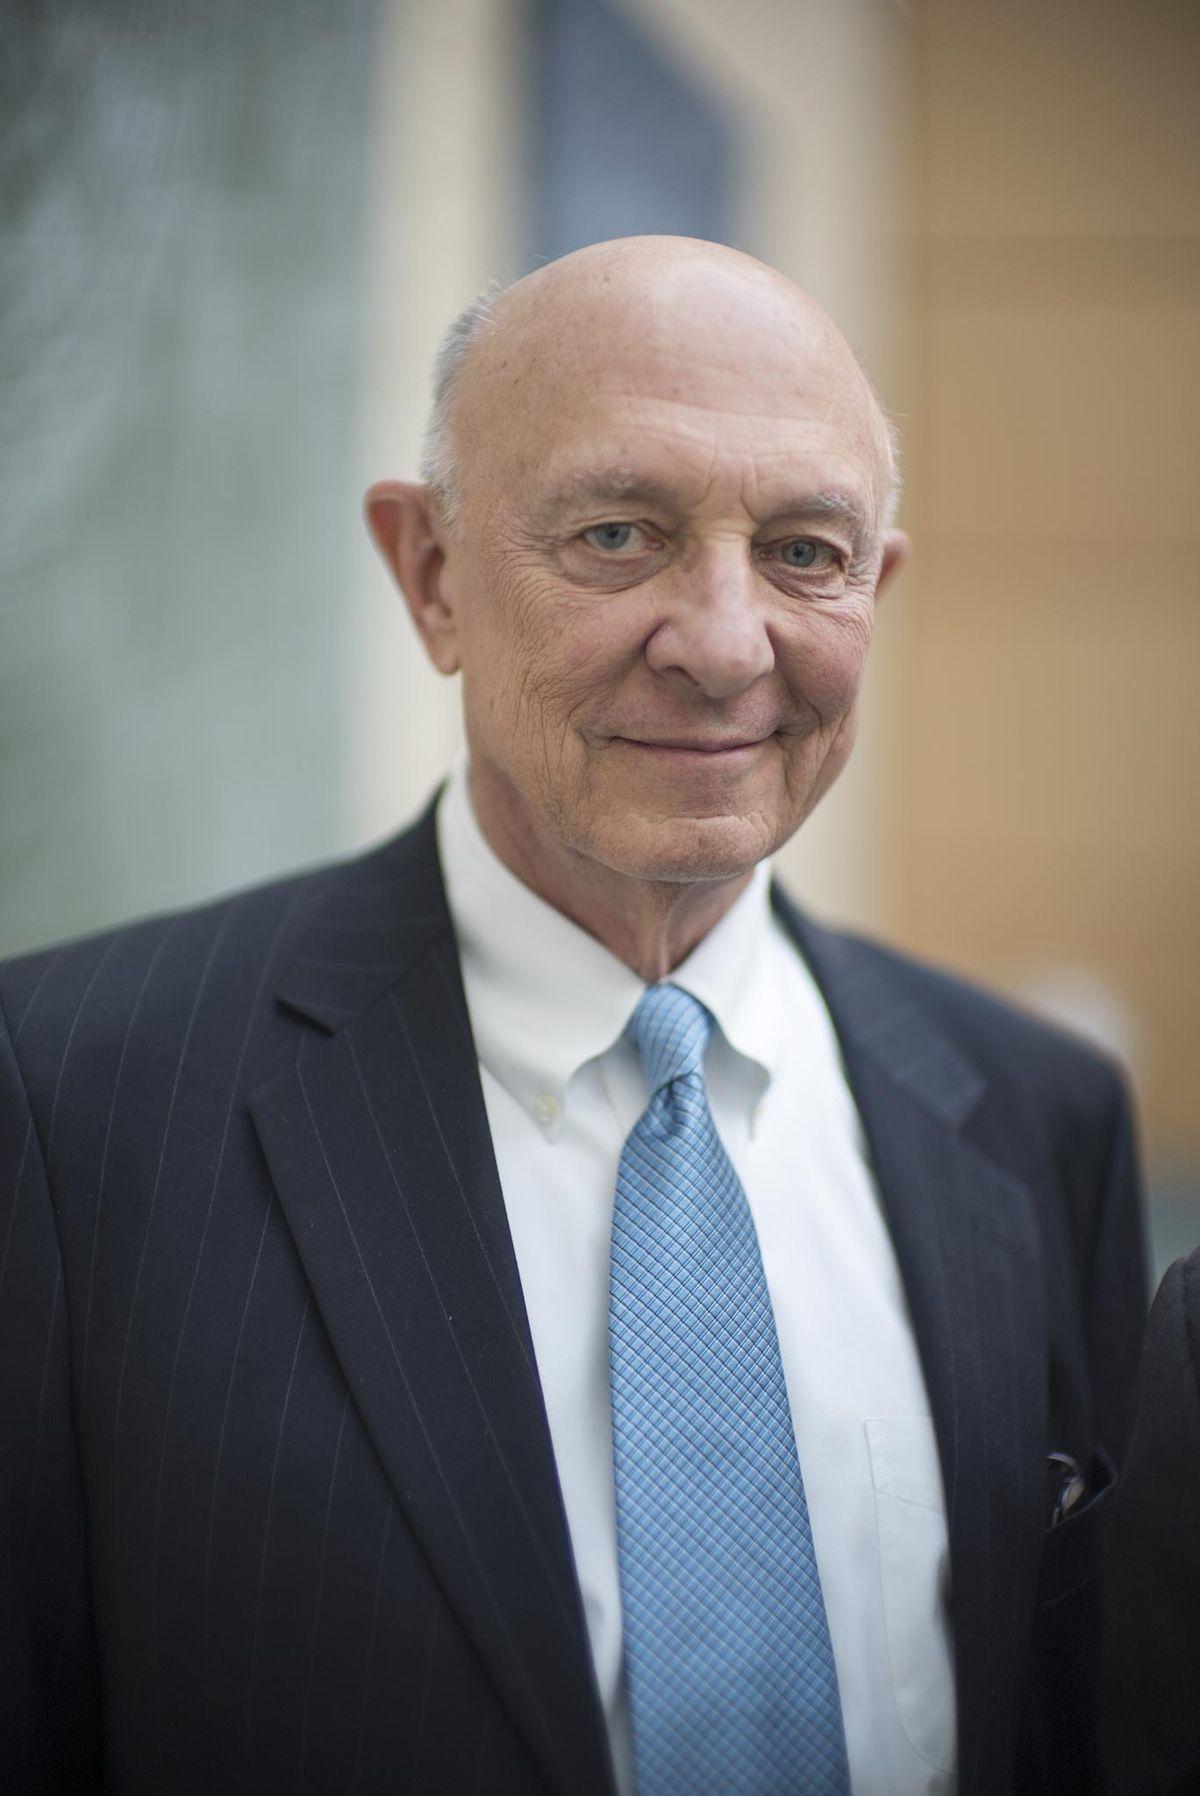 James-Woolsey-speaker